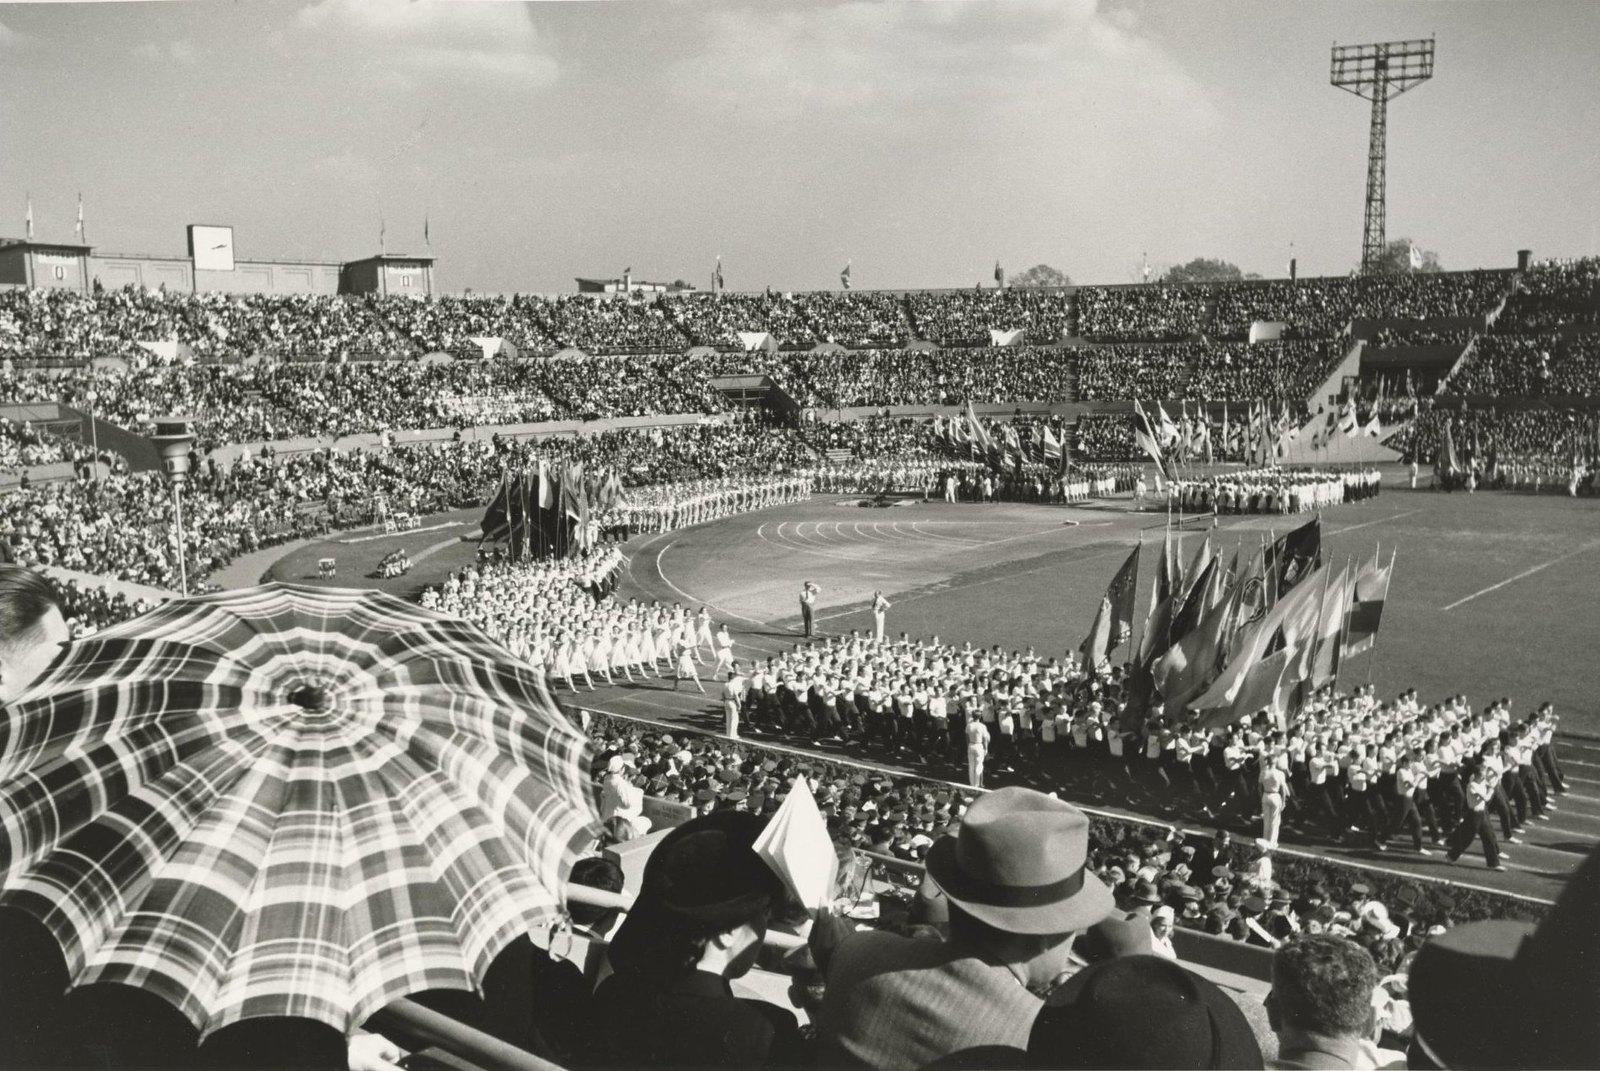 1947. Физкультурный парад на стадионе «Динамо» к 800-летию Москвы. 7 сентября